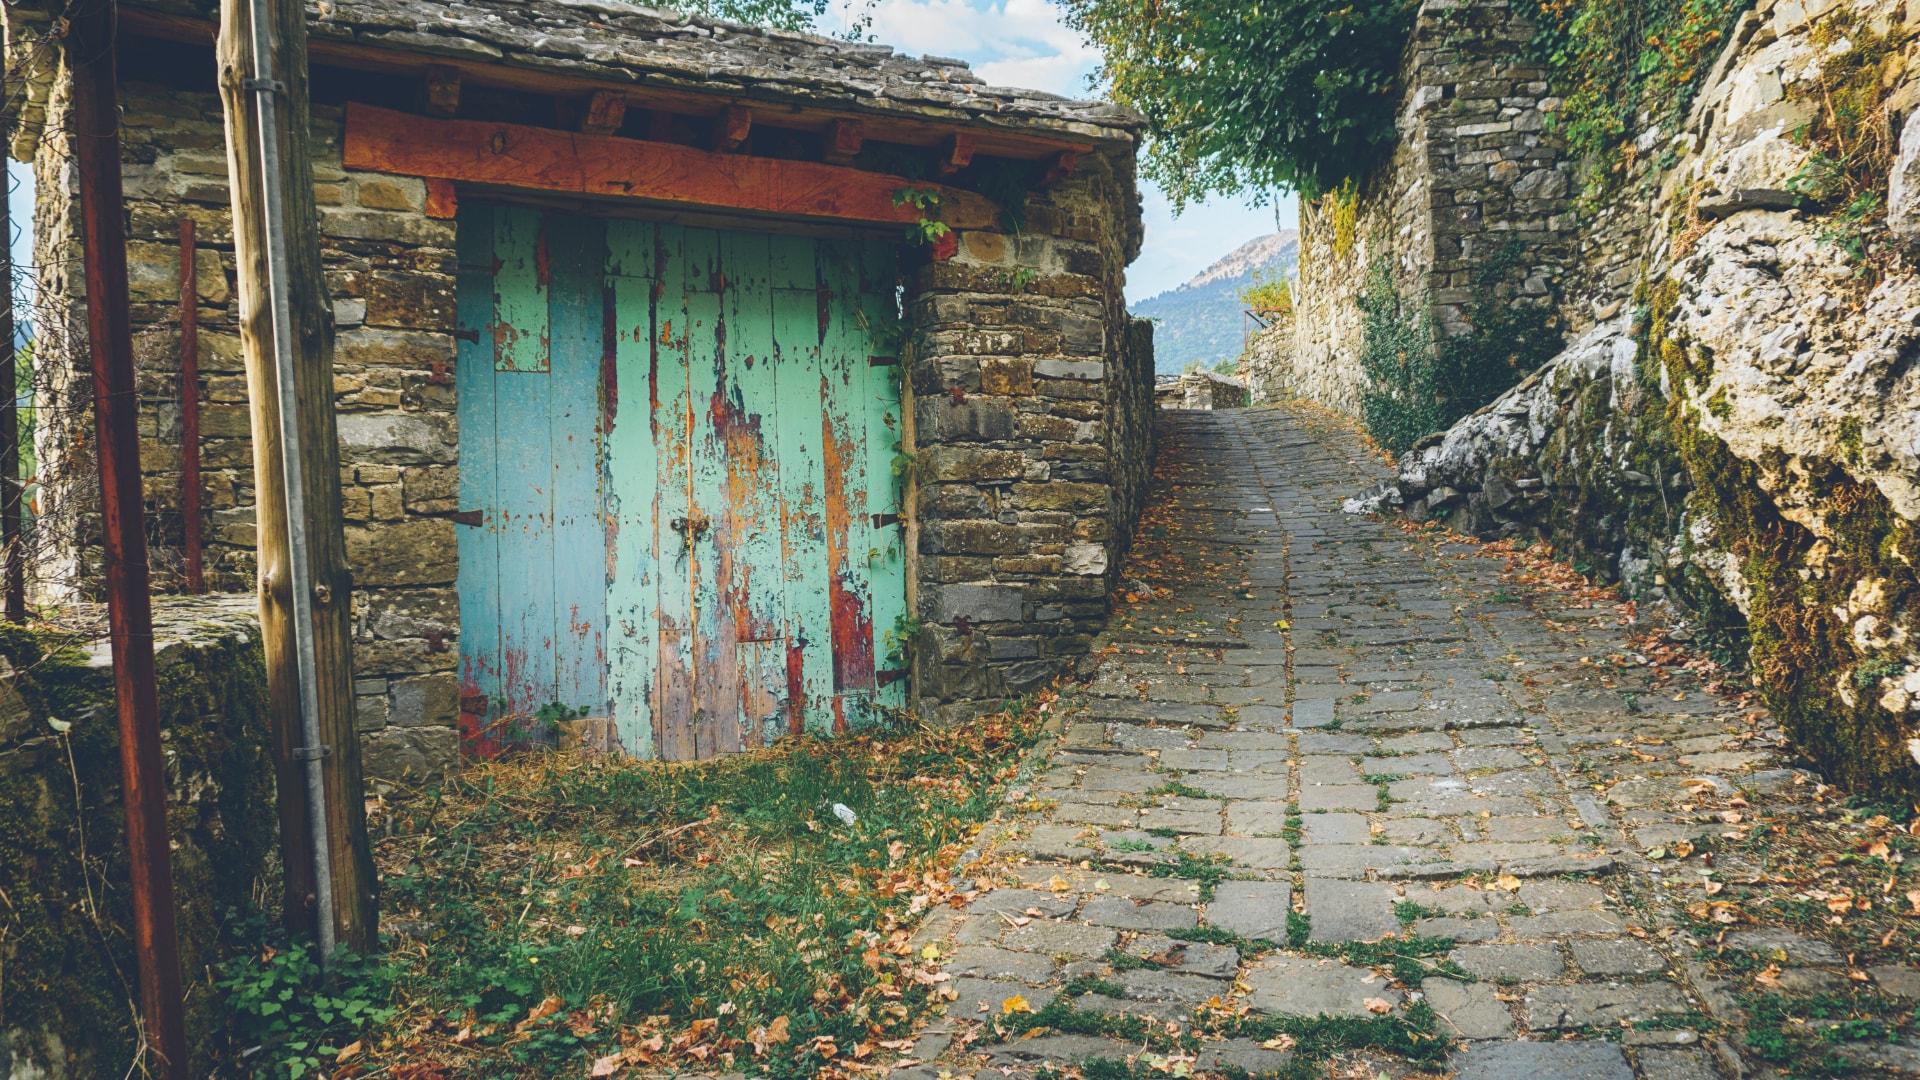 image from Una piedra en el camino